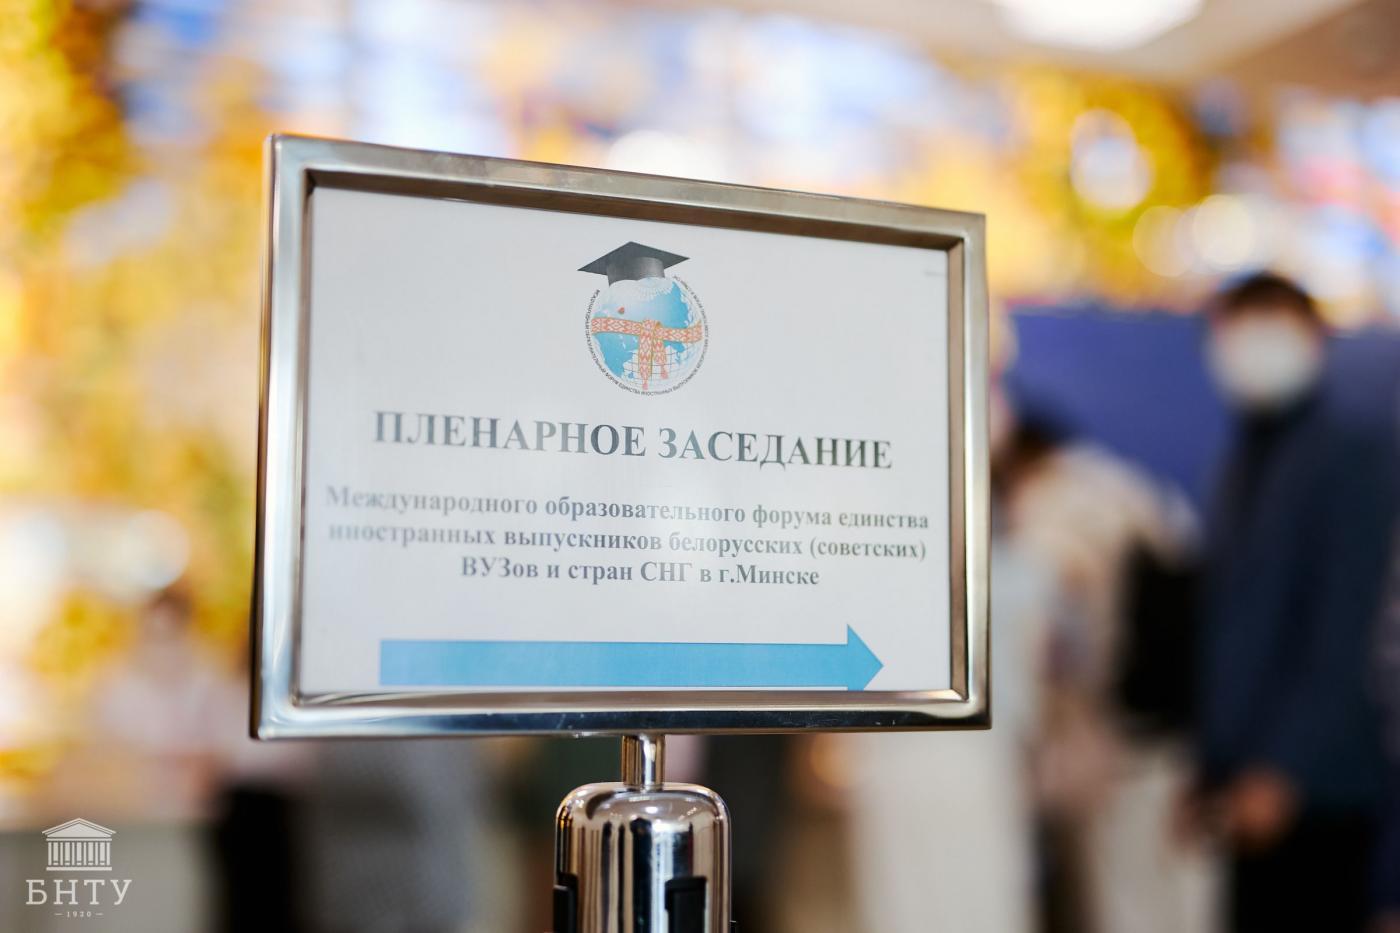 Пленарное заседание Международного образовательного форума единства иностранных выпускников белорусских вузов и стран СНГ